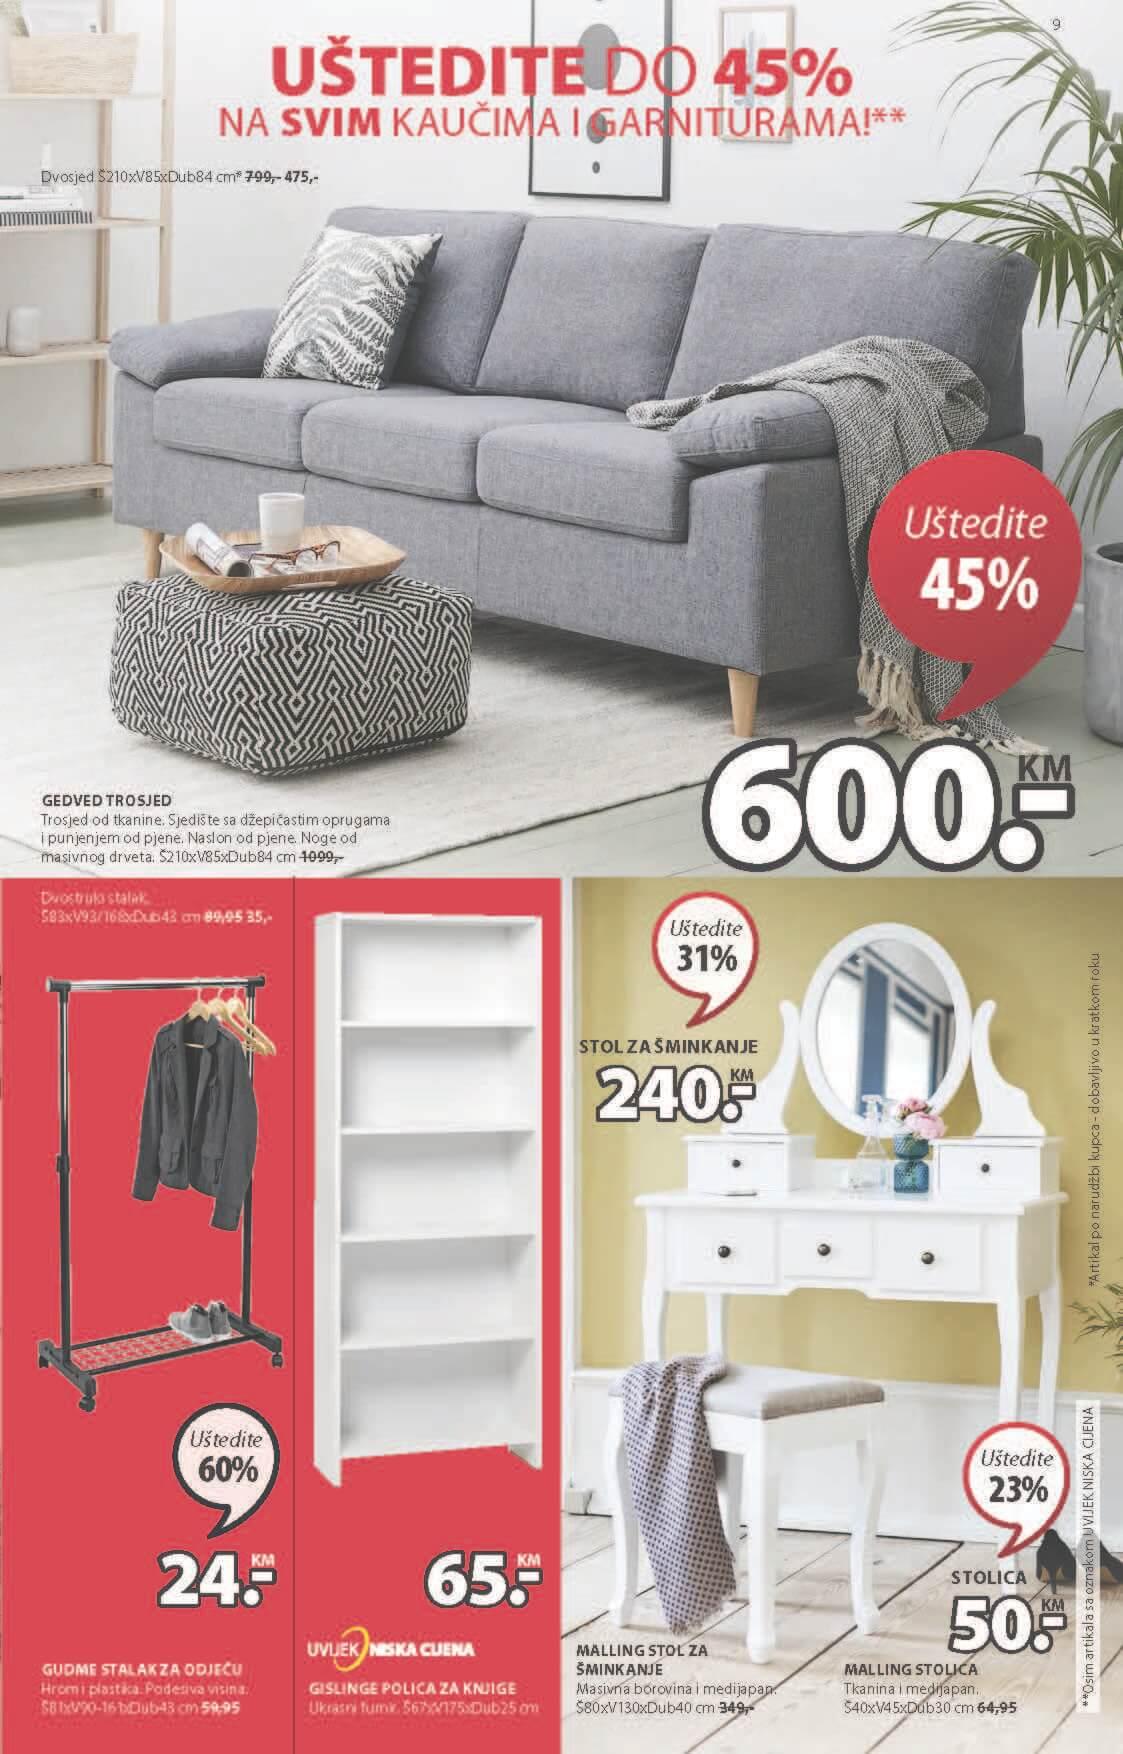 JYSK Katalog Akcijska rasprodaja JUN 2021 03.06. 16.06 eKatalozi.com PR Page 10